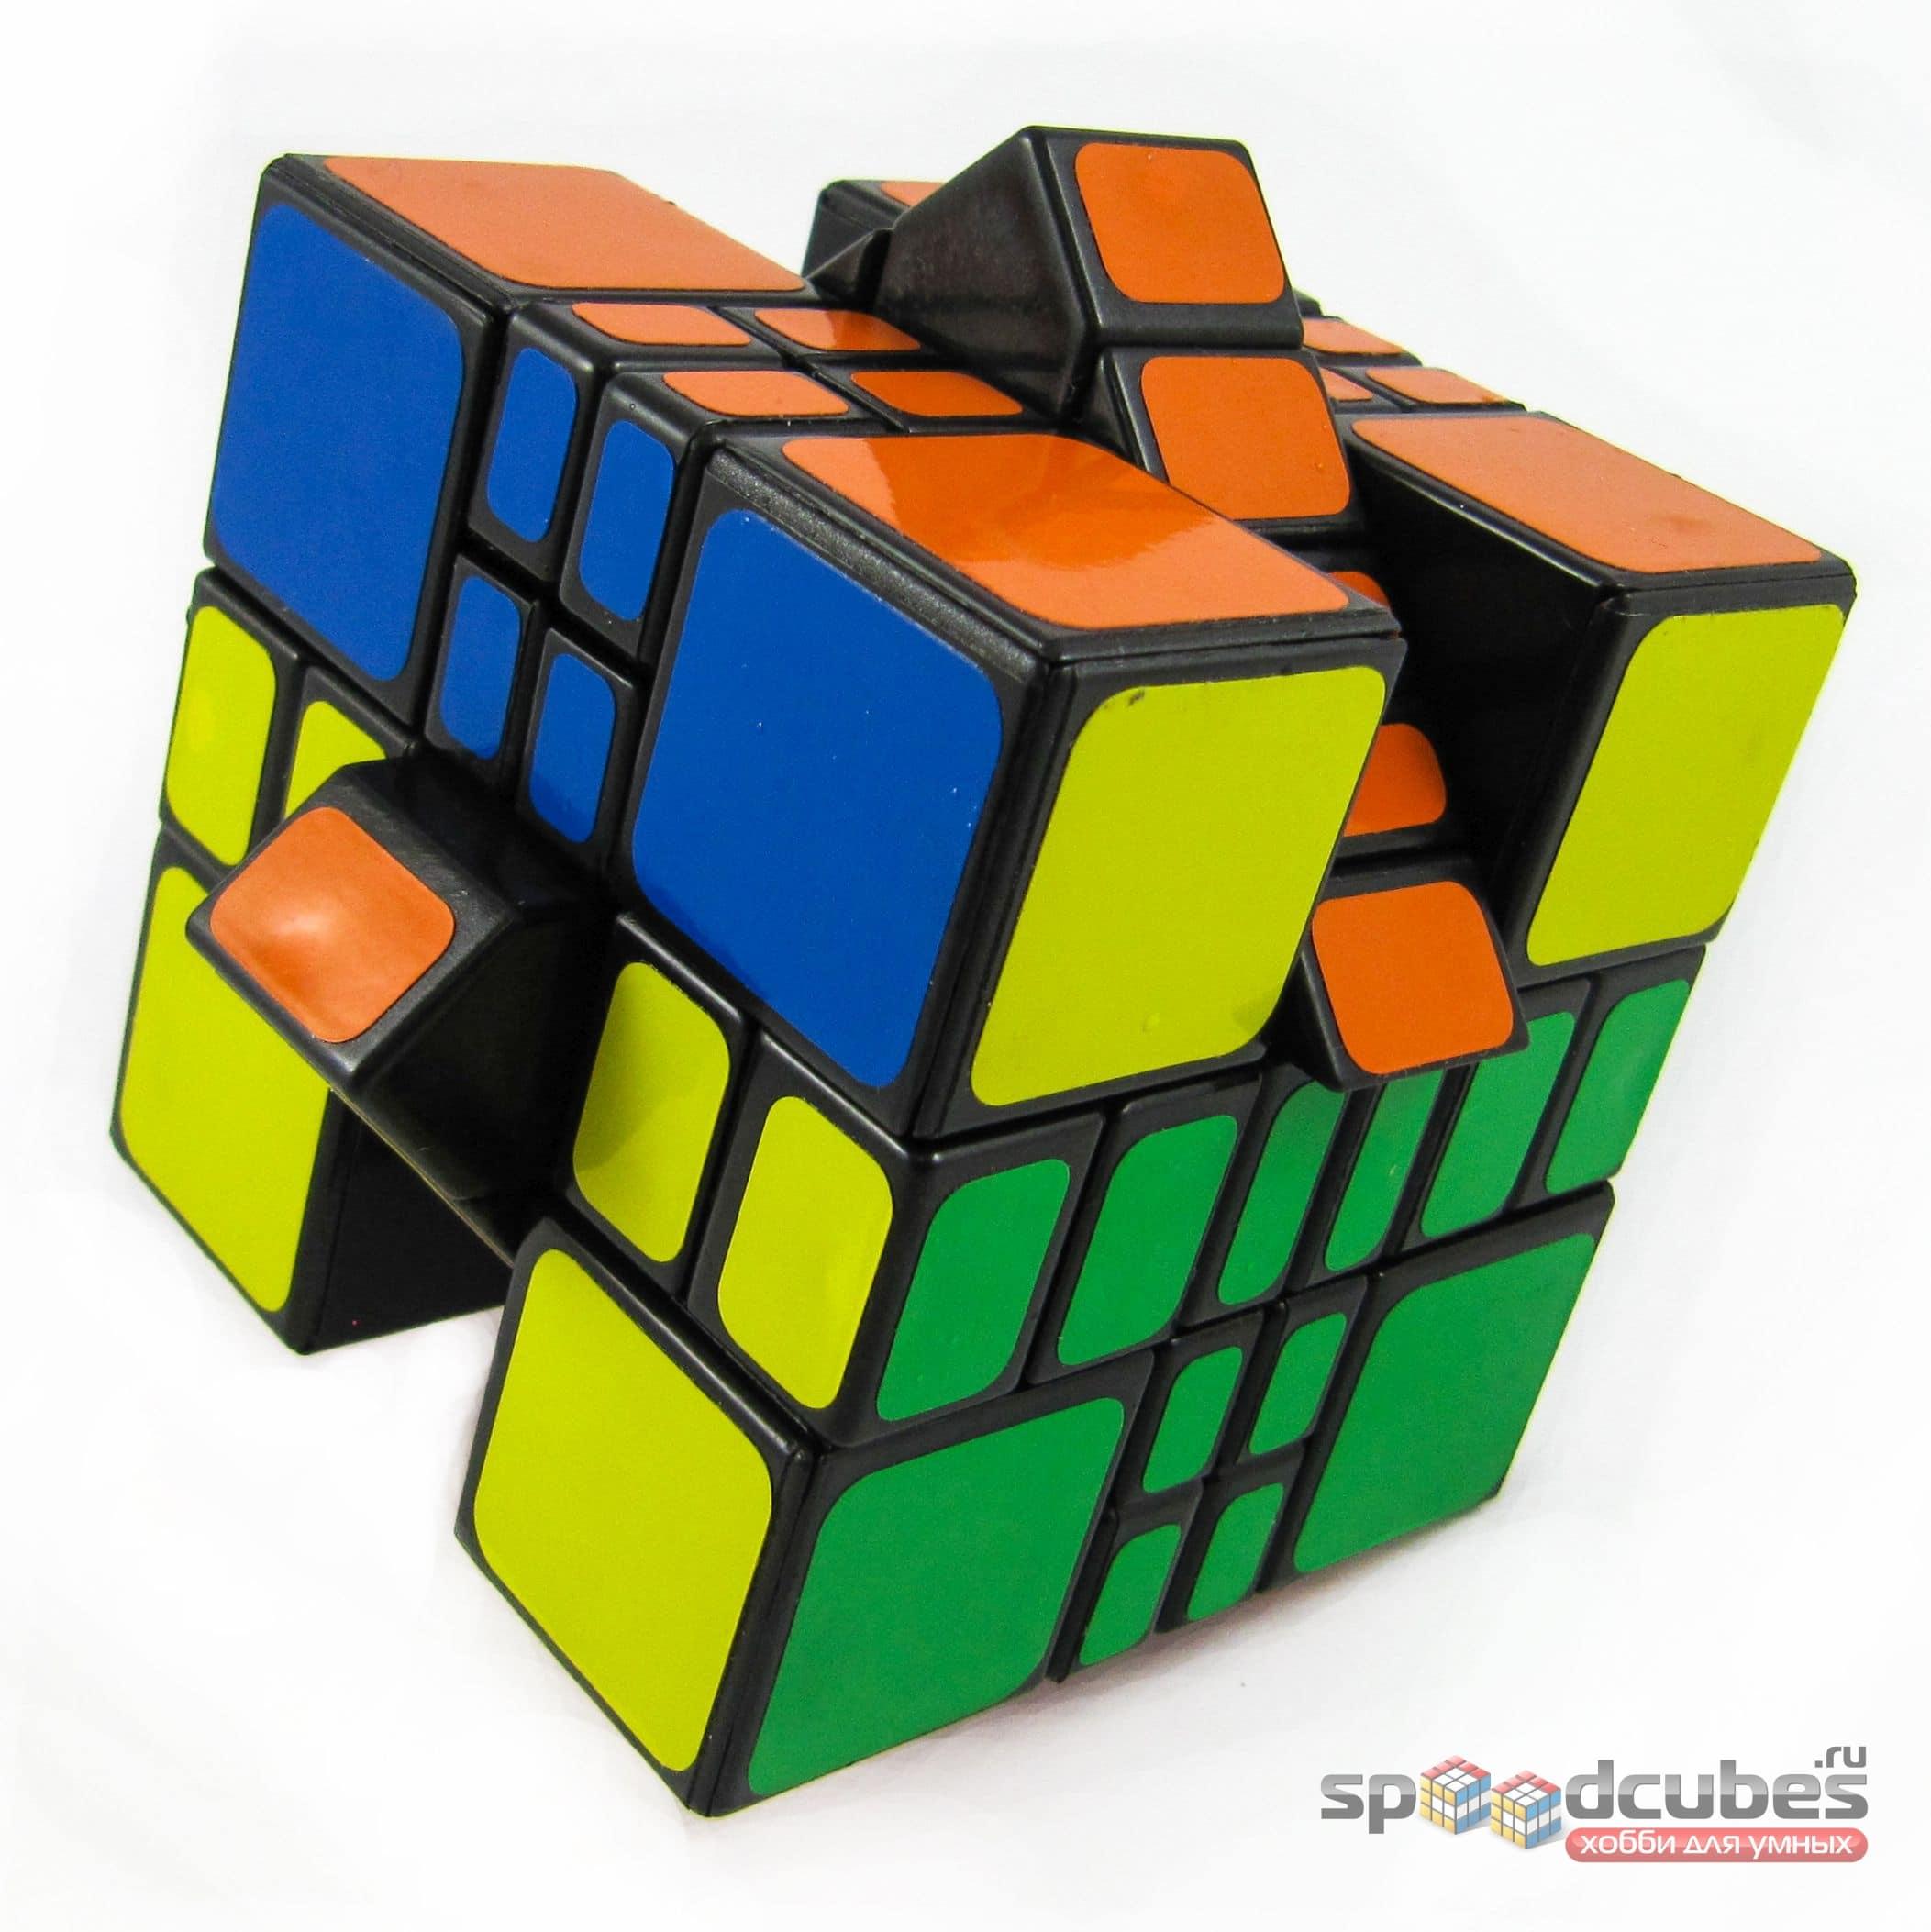 Witeden Mixup Plus 3x3x4 2